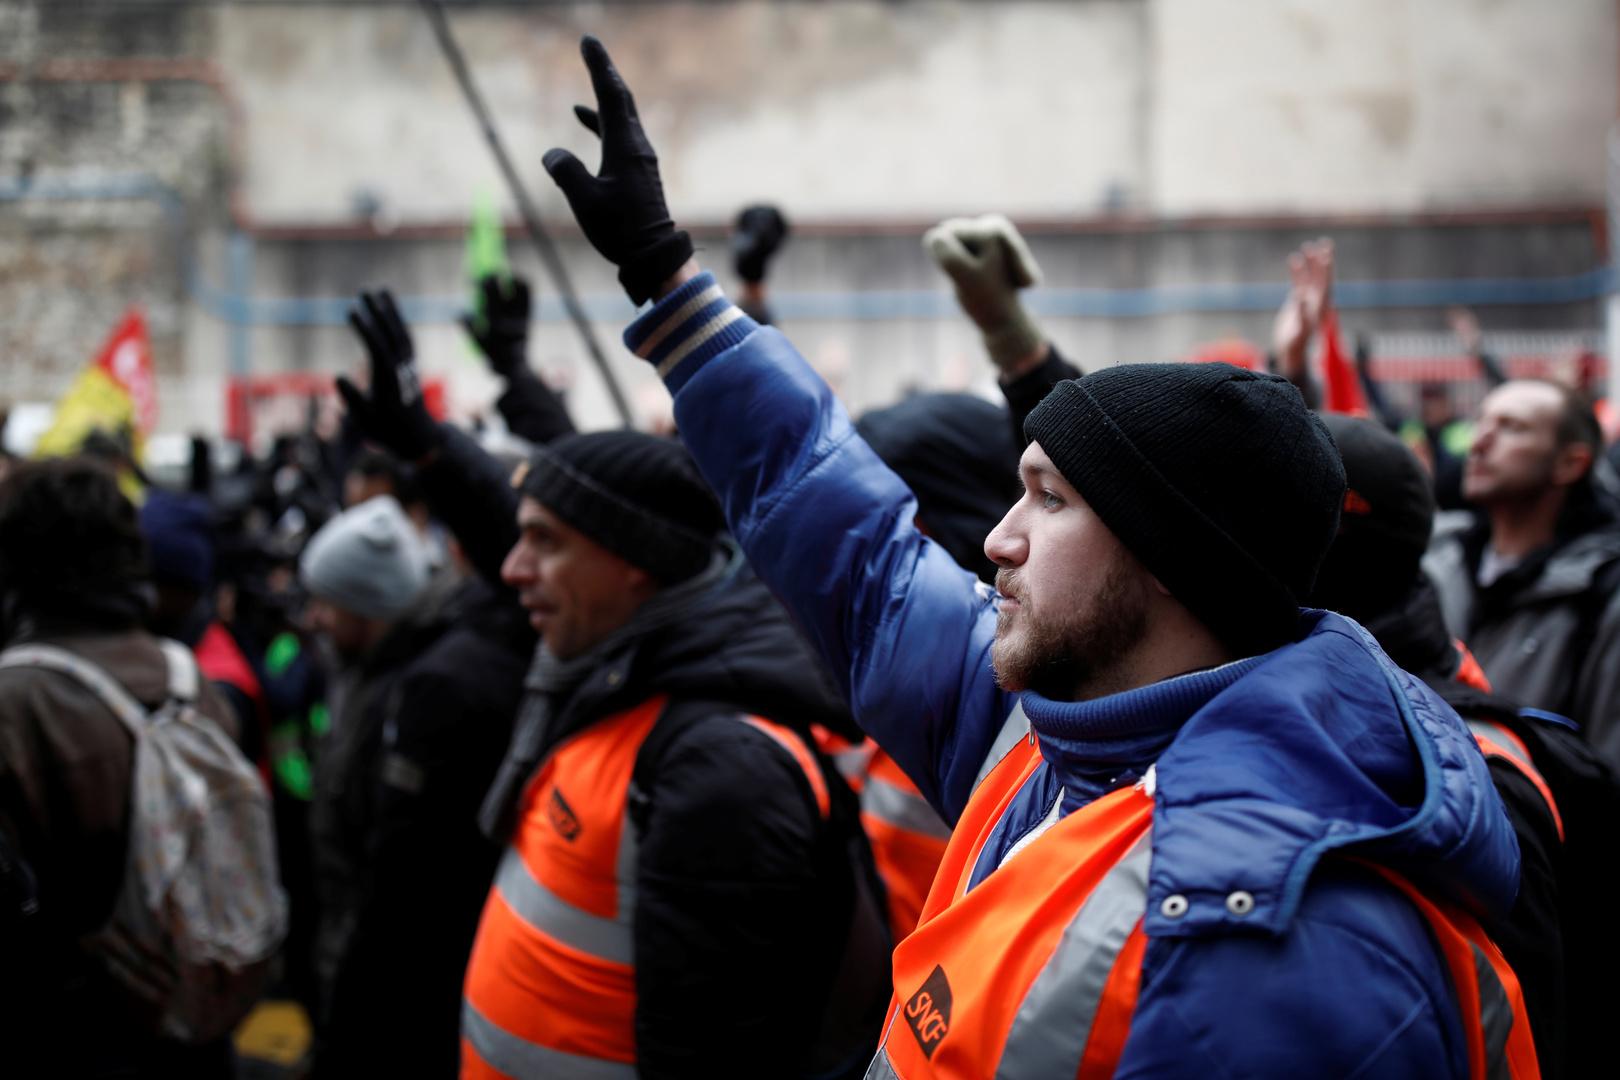 فرنسا.. ماكرون يواجه أكبر إضراب في عهدهعلى خلفية مشروع إصلاح نظام التقاعد